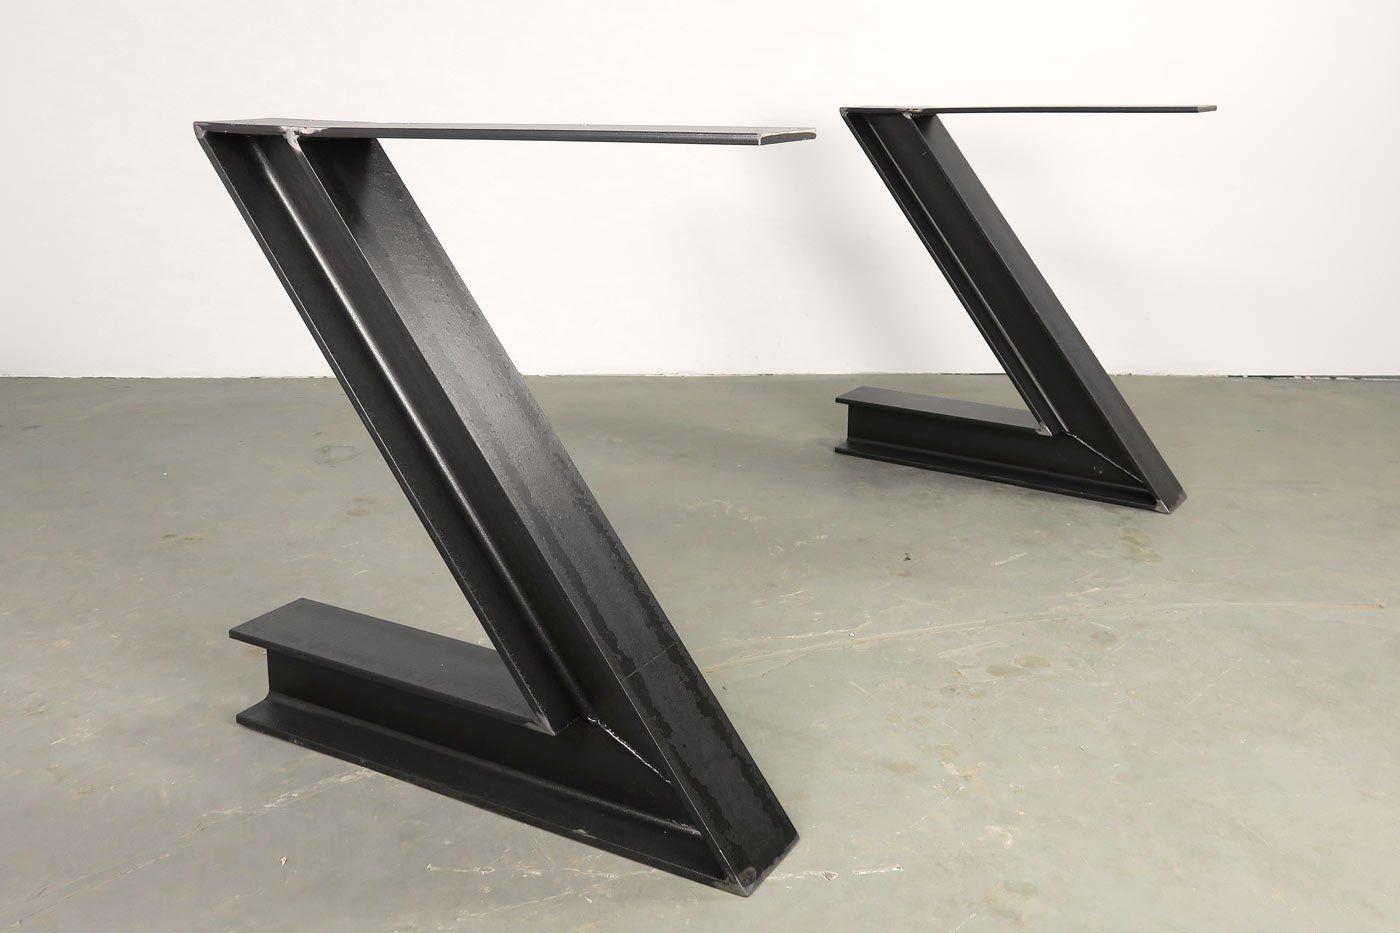 Industrial Tischgestell Quadrat Auf Mass Wohnsektion Tischgestell Tisch Couchtisch Metall